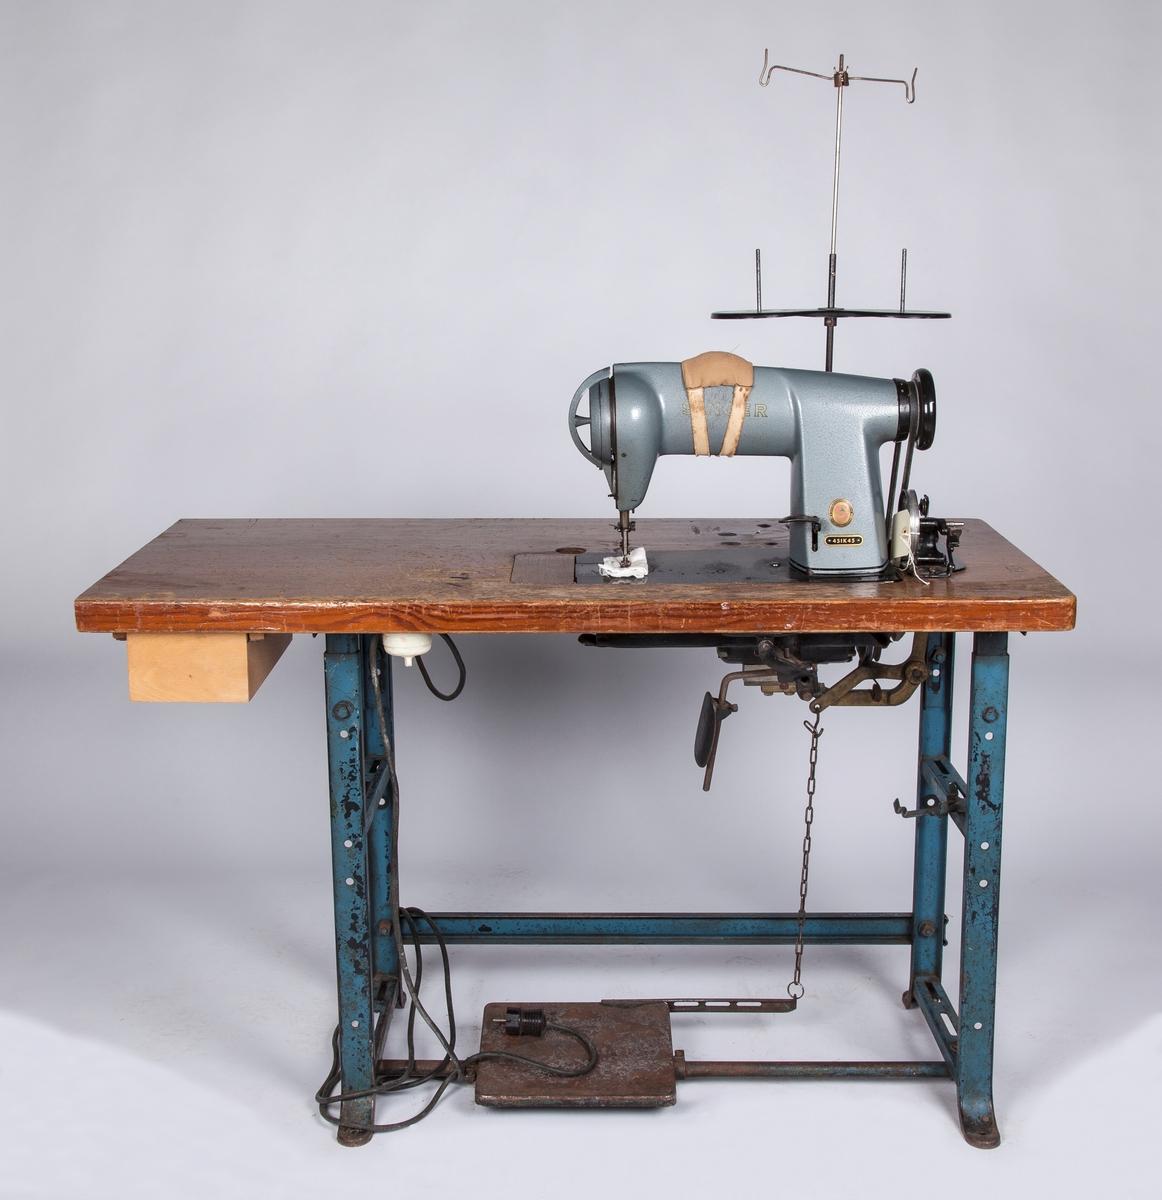 Industrisymaskin på trebord. Med snellestativ. Brukt på Ilni-fabrikken i Drøbak.  a:Maskin på bordstativ b:Snellestativ